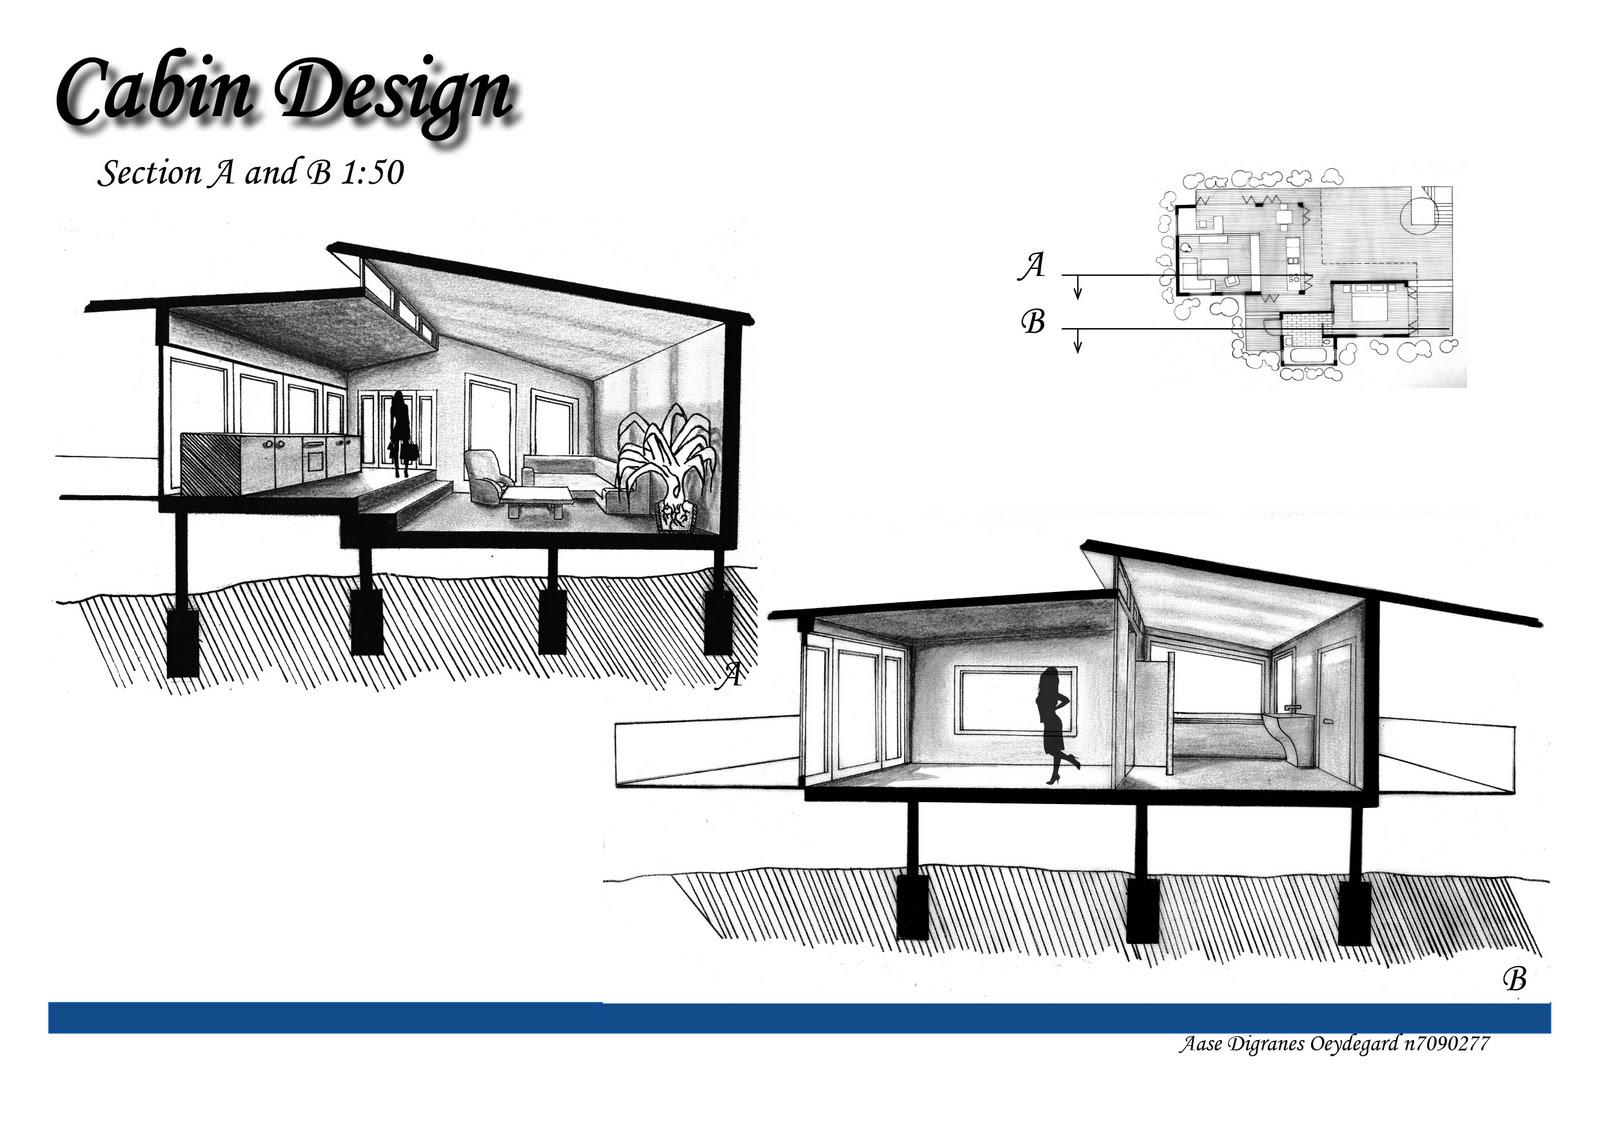 Design And Architecture My Cabin Design